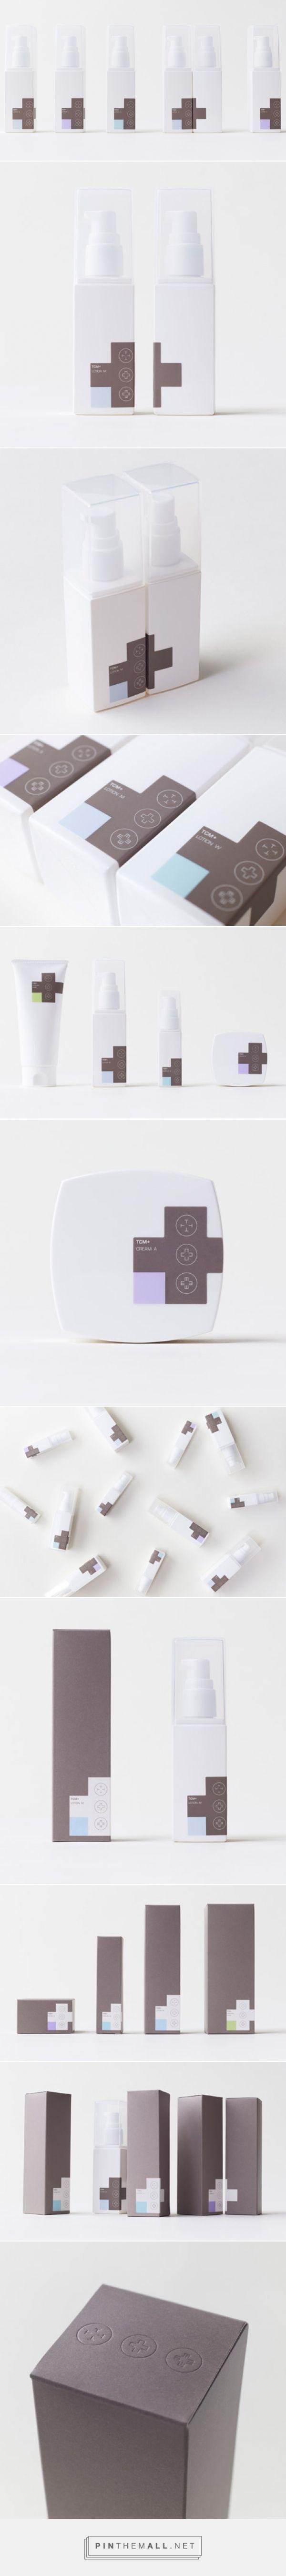 Nendo #Design Japan #Packaging #Skincare based on TCM